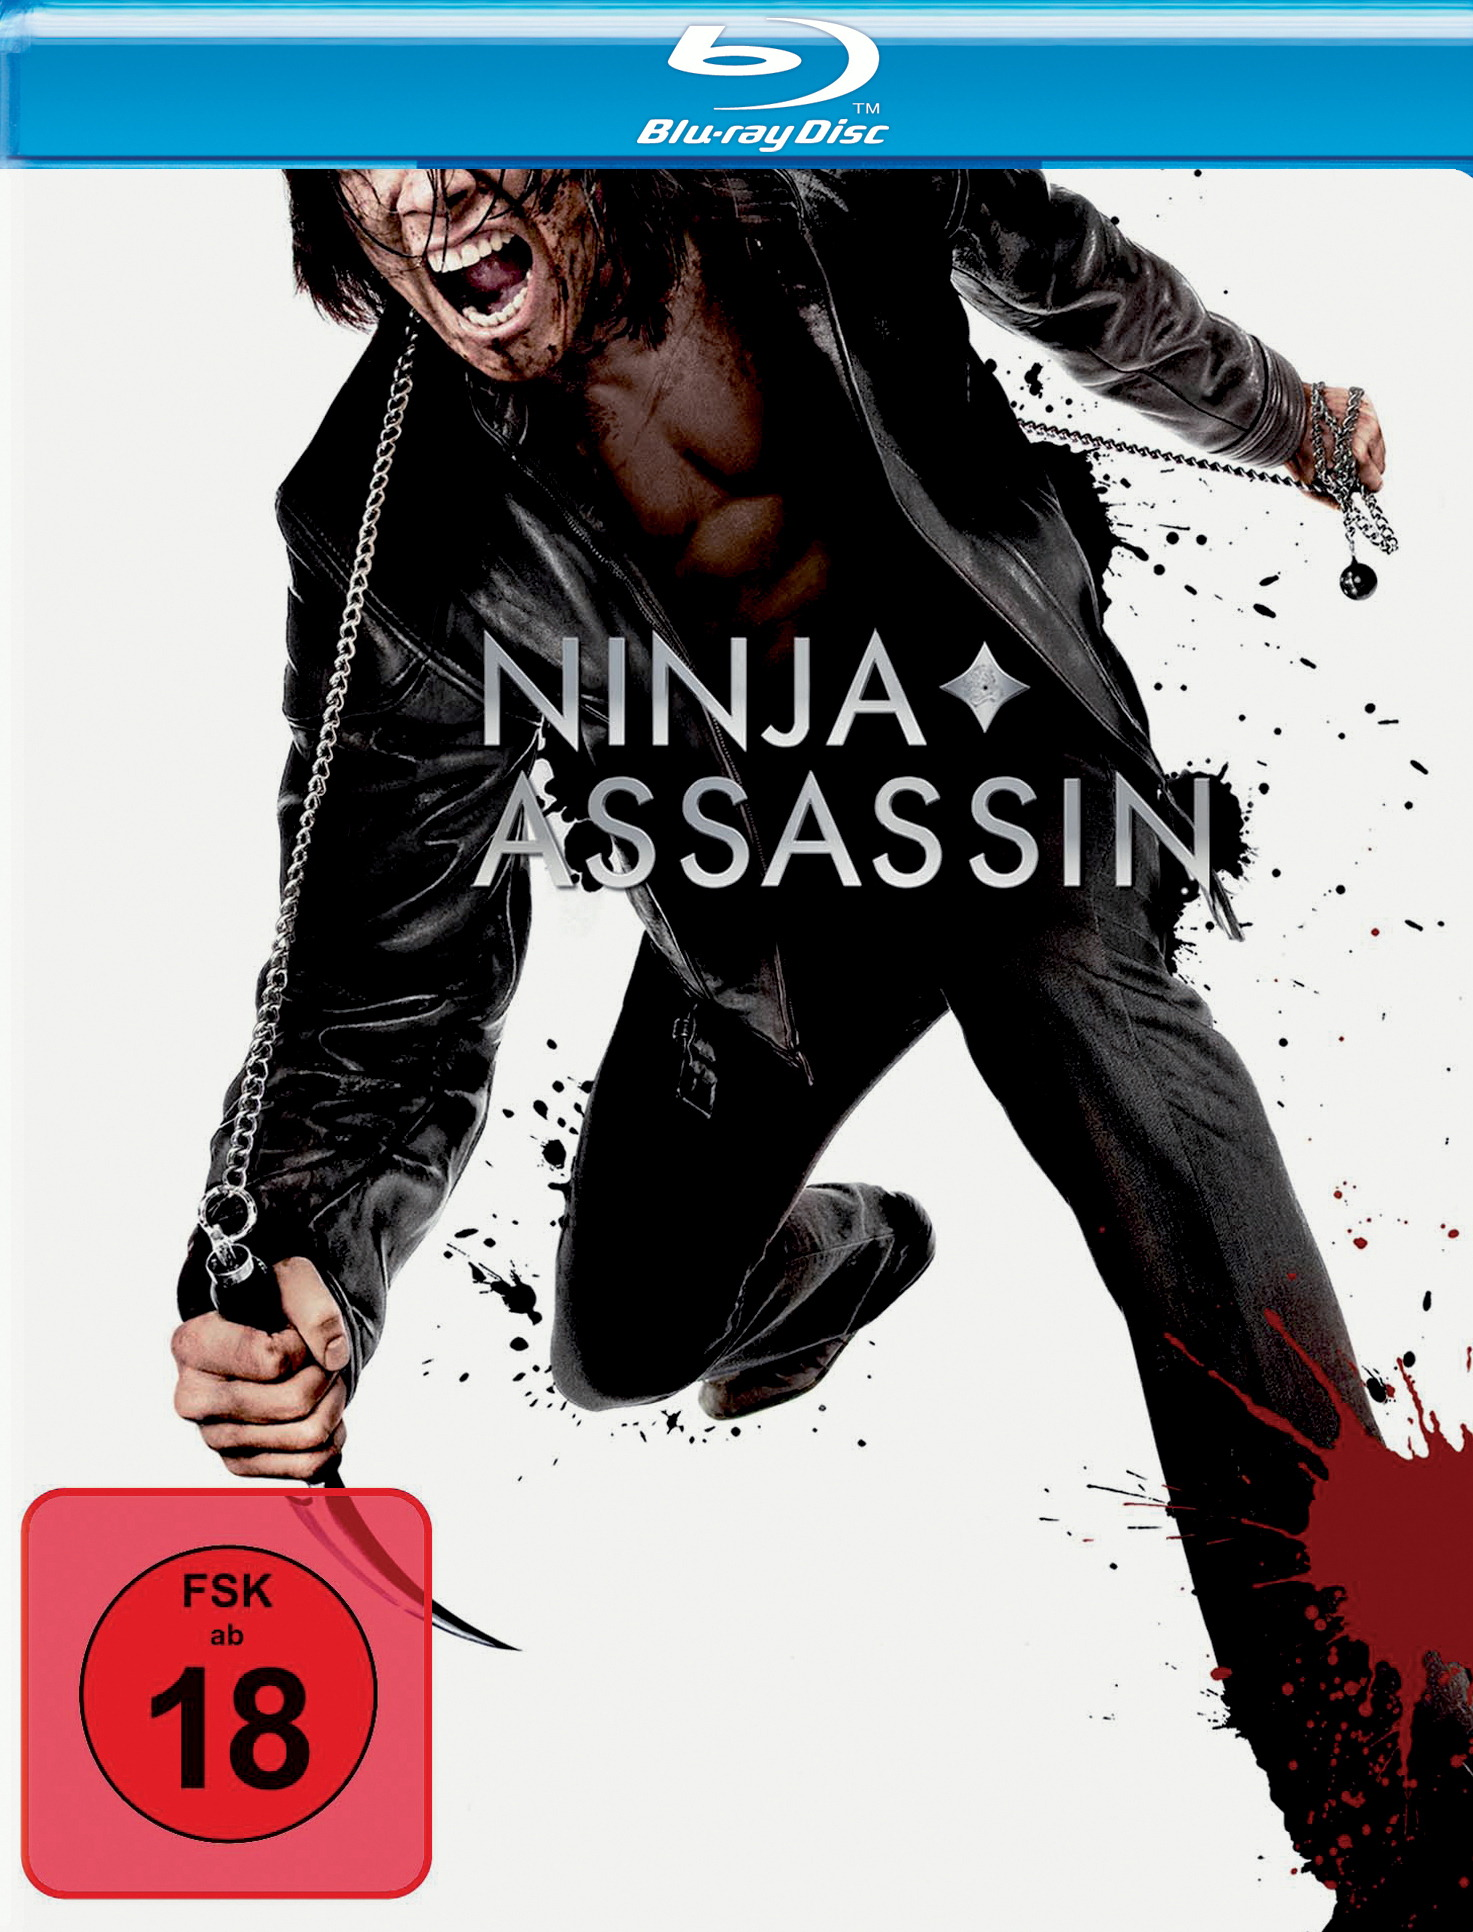 Ninja Assassin Poster